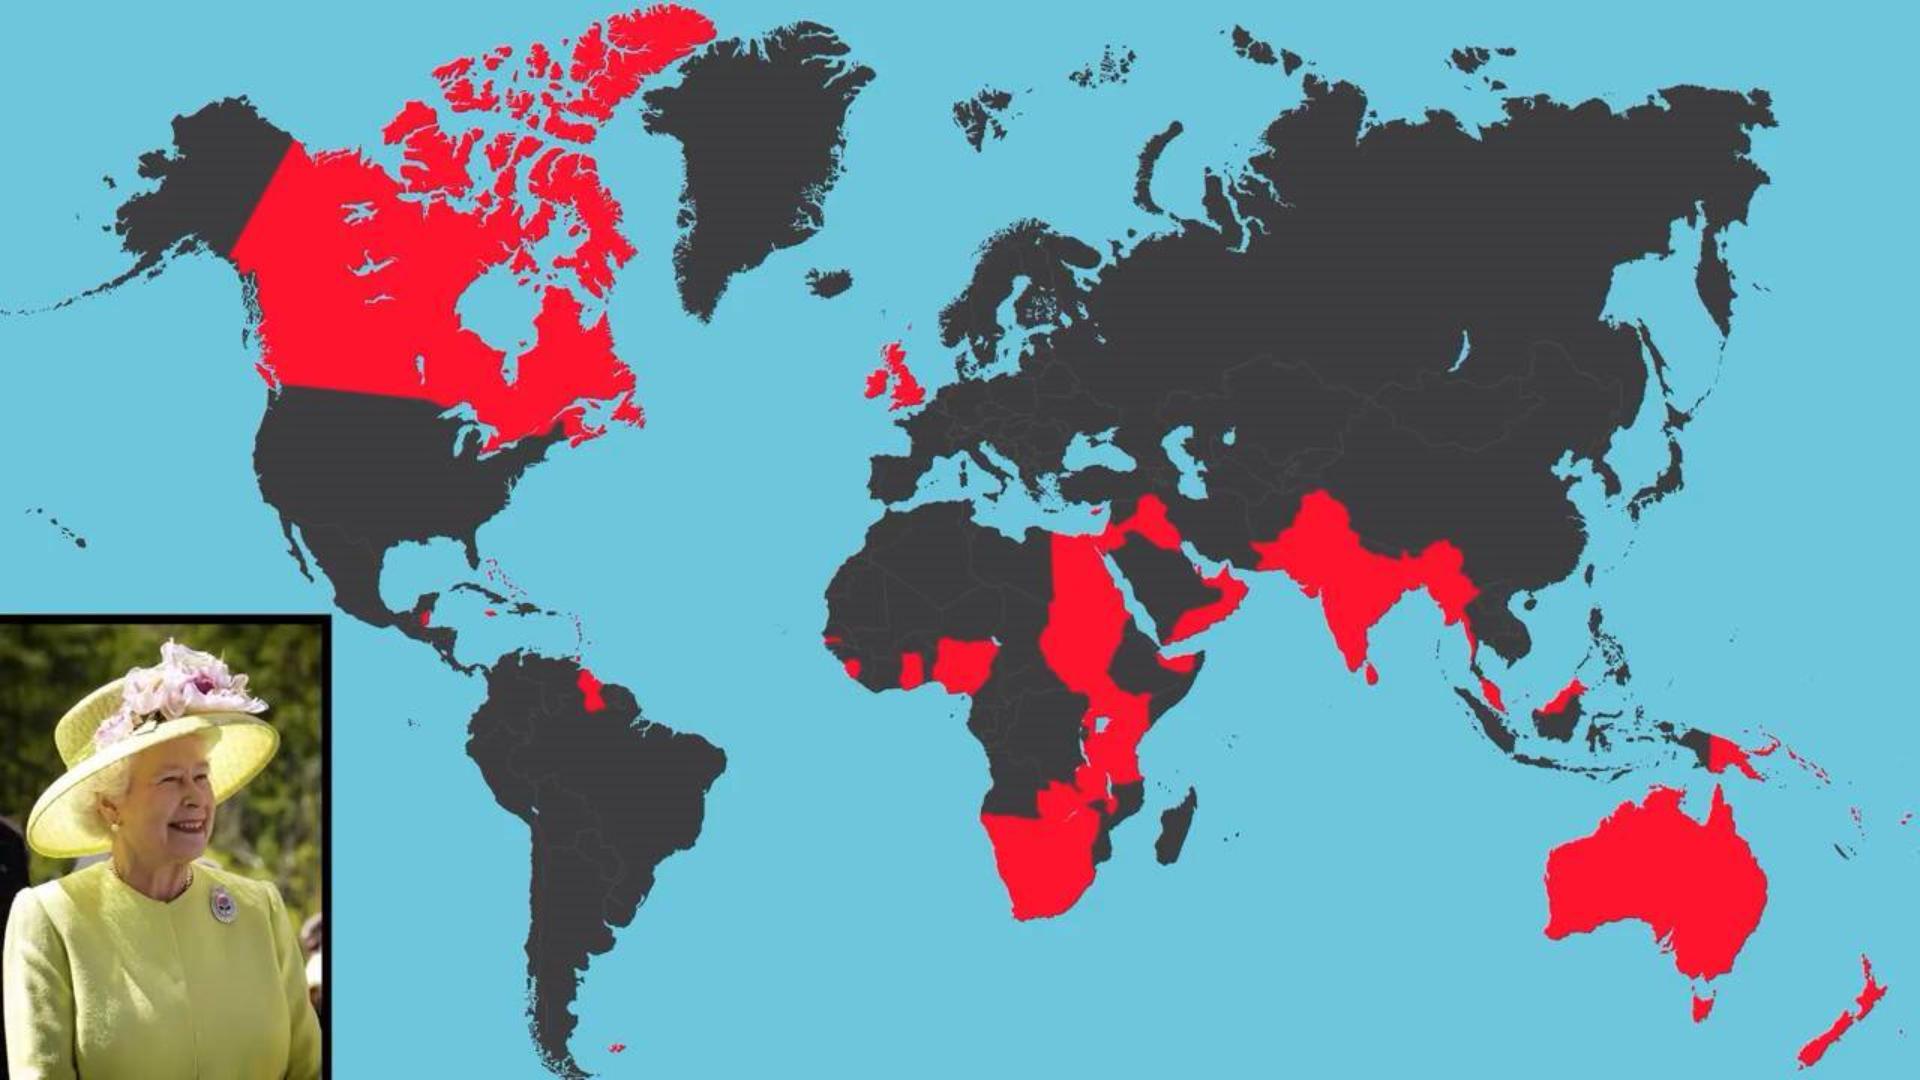 如果大英帝国重组了,它会是首屈一指的超级大国吗?